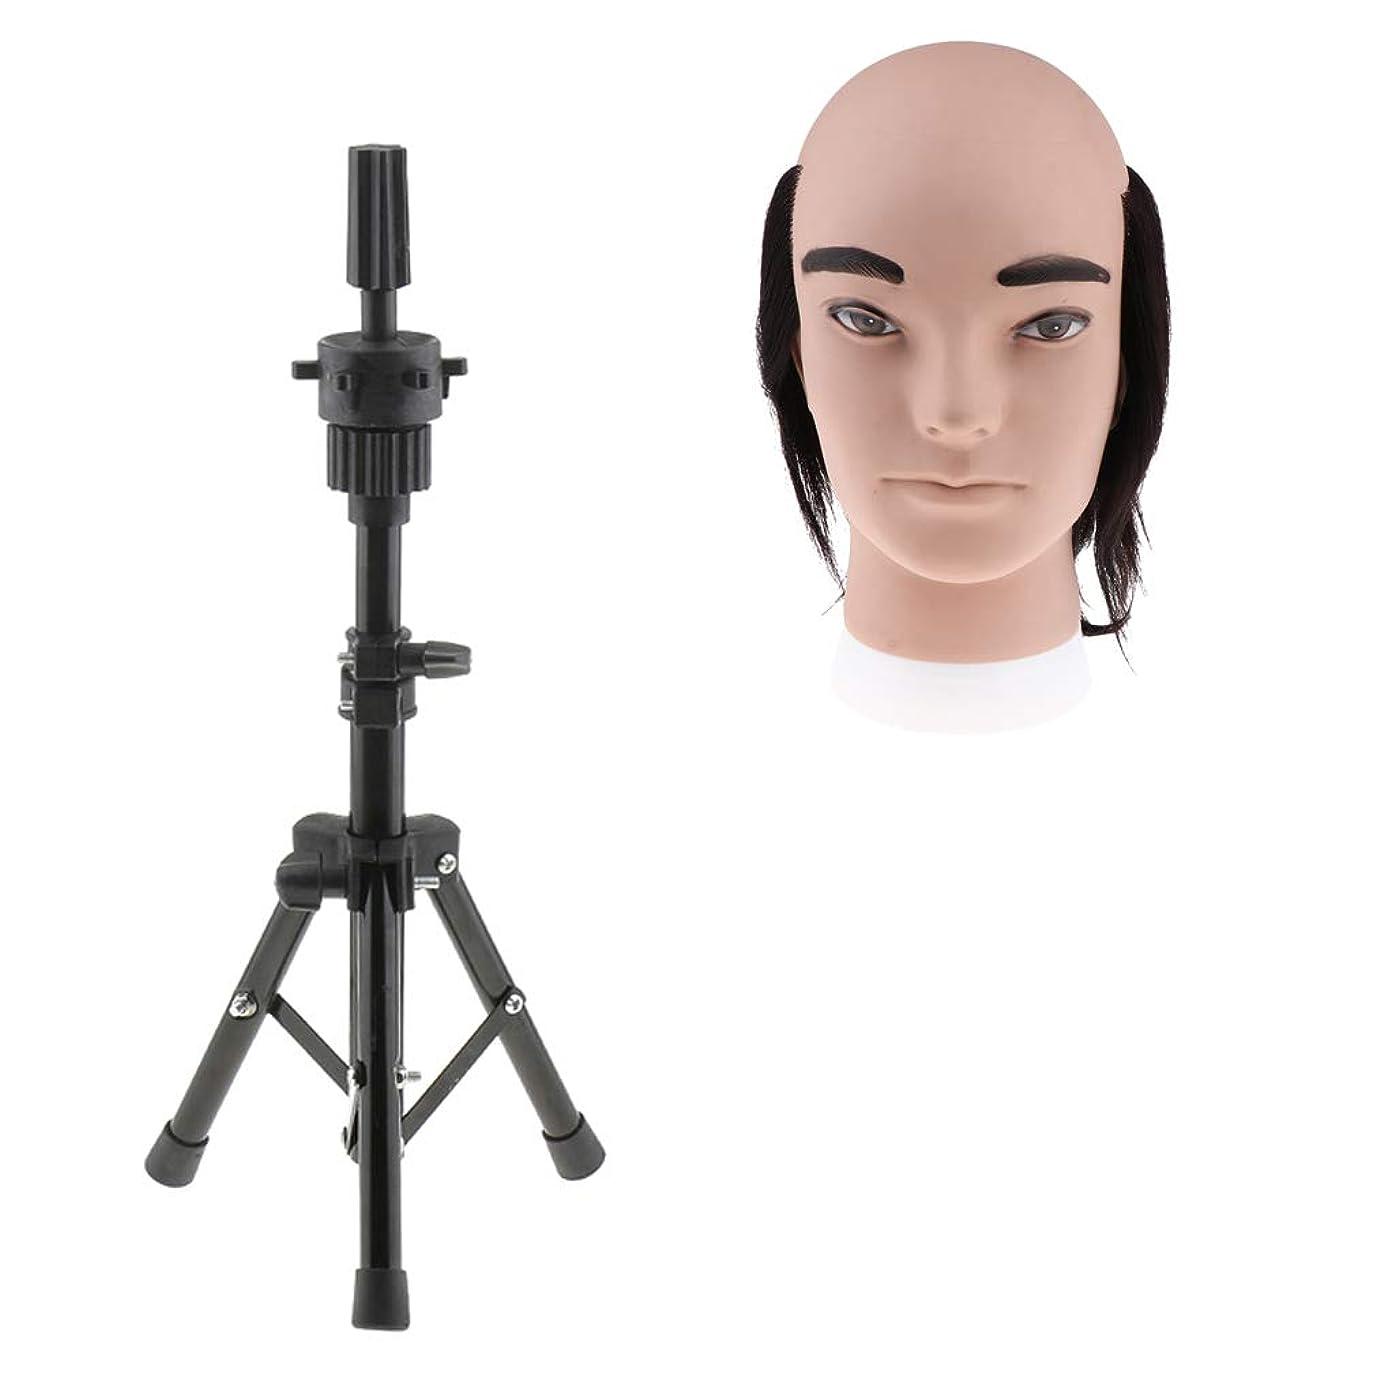 バーマドサイクロプス温かいCUTICATE 人間の髪毛 男性 マネキン トレーニング マネキン美容人形 人形の頭付き三脚ホルダー